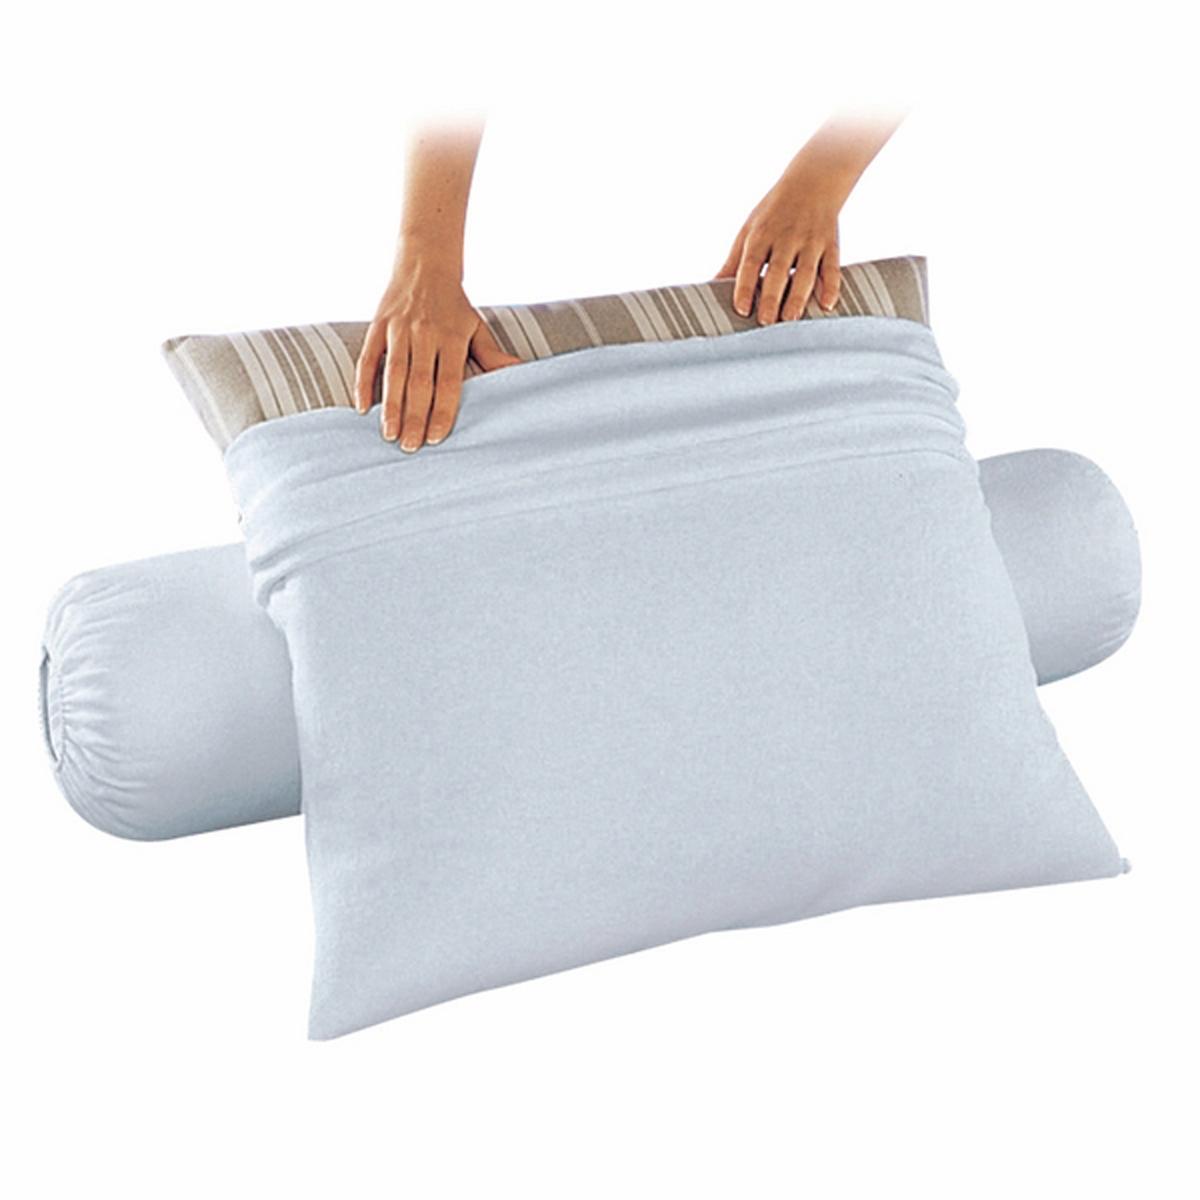 Чехол защитный для подушки, из стретч-мольтона, водонепроницаемыйЗащитный чехол для подушки из стретч-мольтона (чесаного и стриженного) 80 % хлопка, 20 % полиэстера (220 гр/м?) с полиуретановой пропиткой, которая пропускает воздух, позволяет Вашей коже дышать, обеспечивает сухость и комфорт.Пропитка Proneem® против клещей, безвредная и экологически чистая, на растительной основе (лимон, лаванда и эвкалипт).Биоцидная обработка Уход : Машинная стирка при 60 °С.Размеры :50 x 70 см63 x 63 смХарактеристикиКачество BEST.<br><br>Цвет: белый<br>Размер: 63 x 63  см